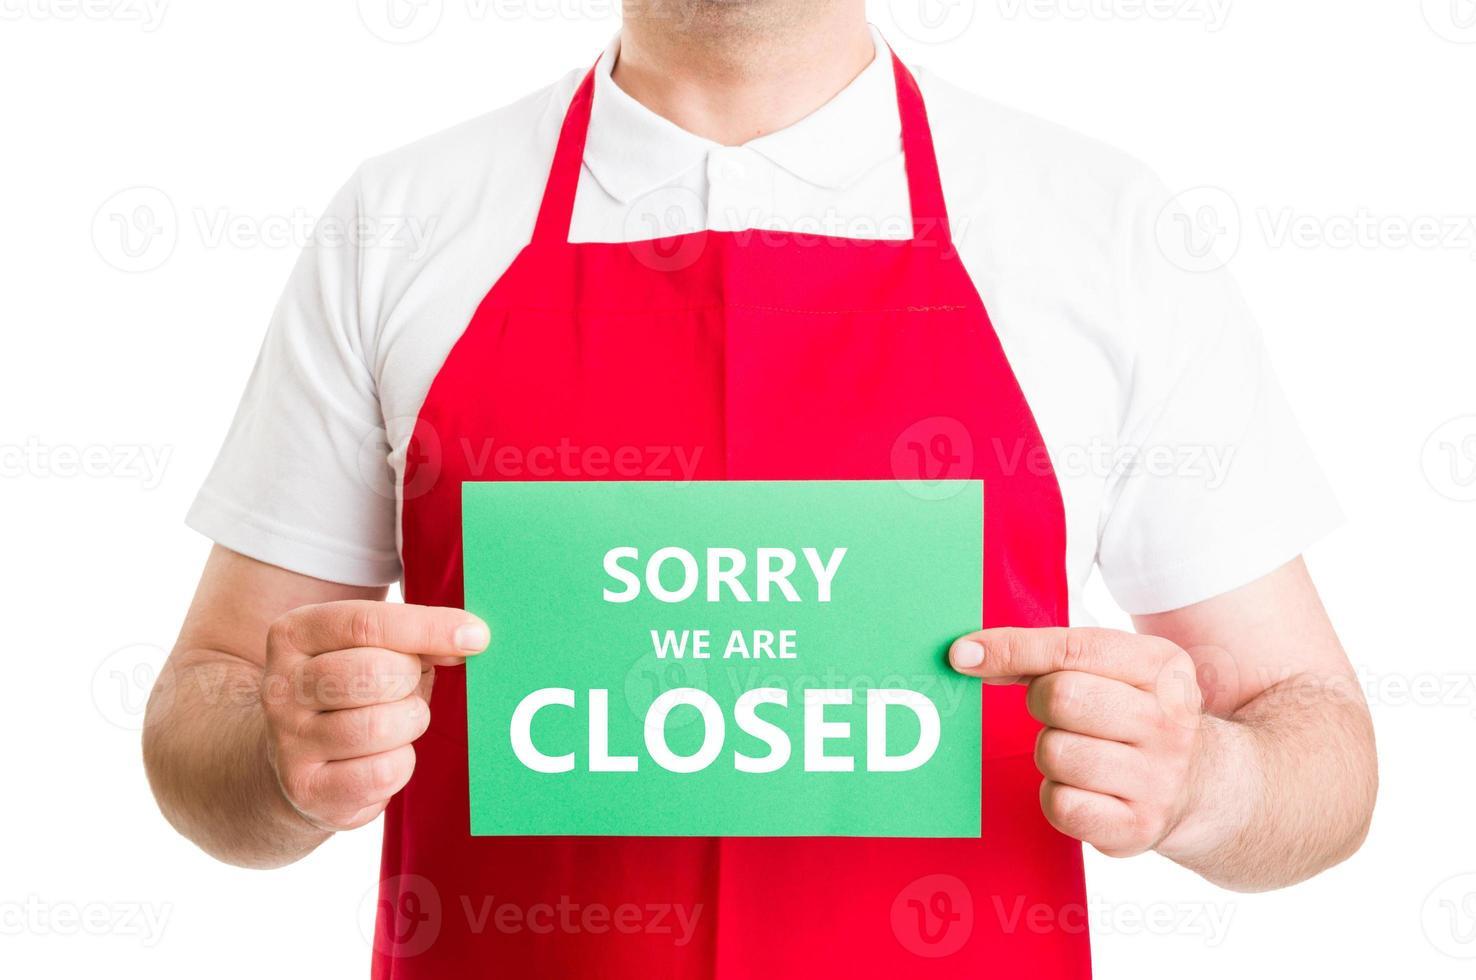 Lo siento, ya está cerrado foto